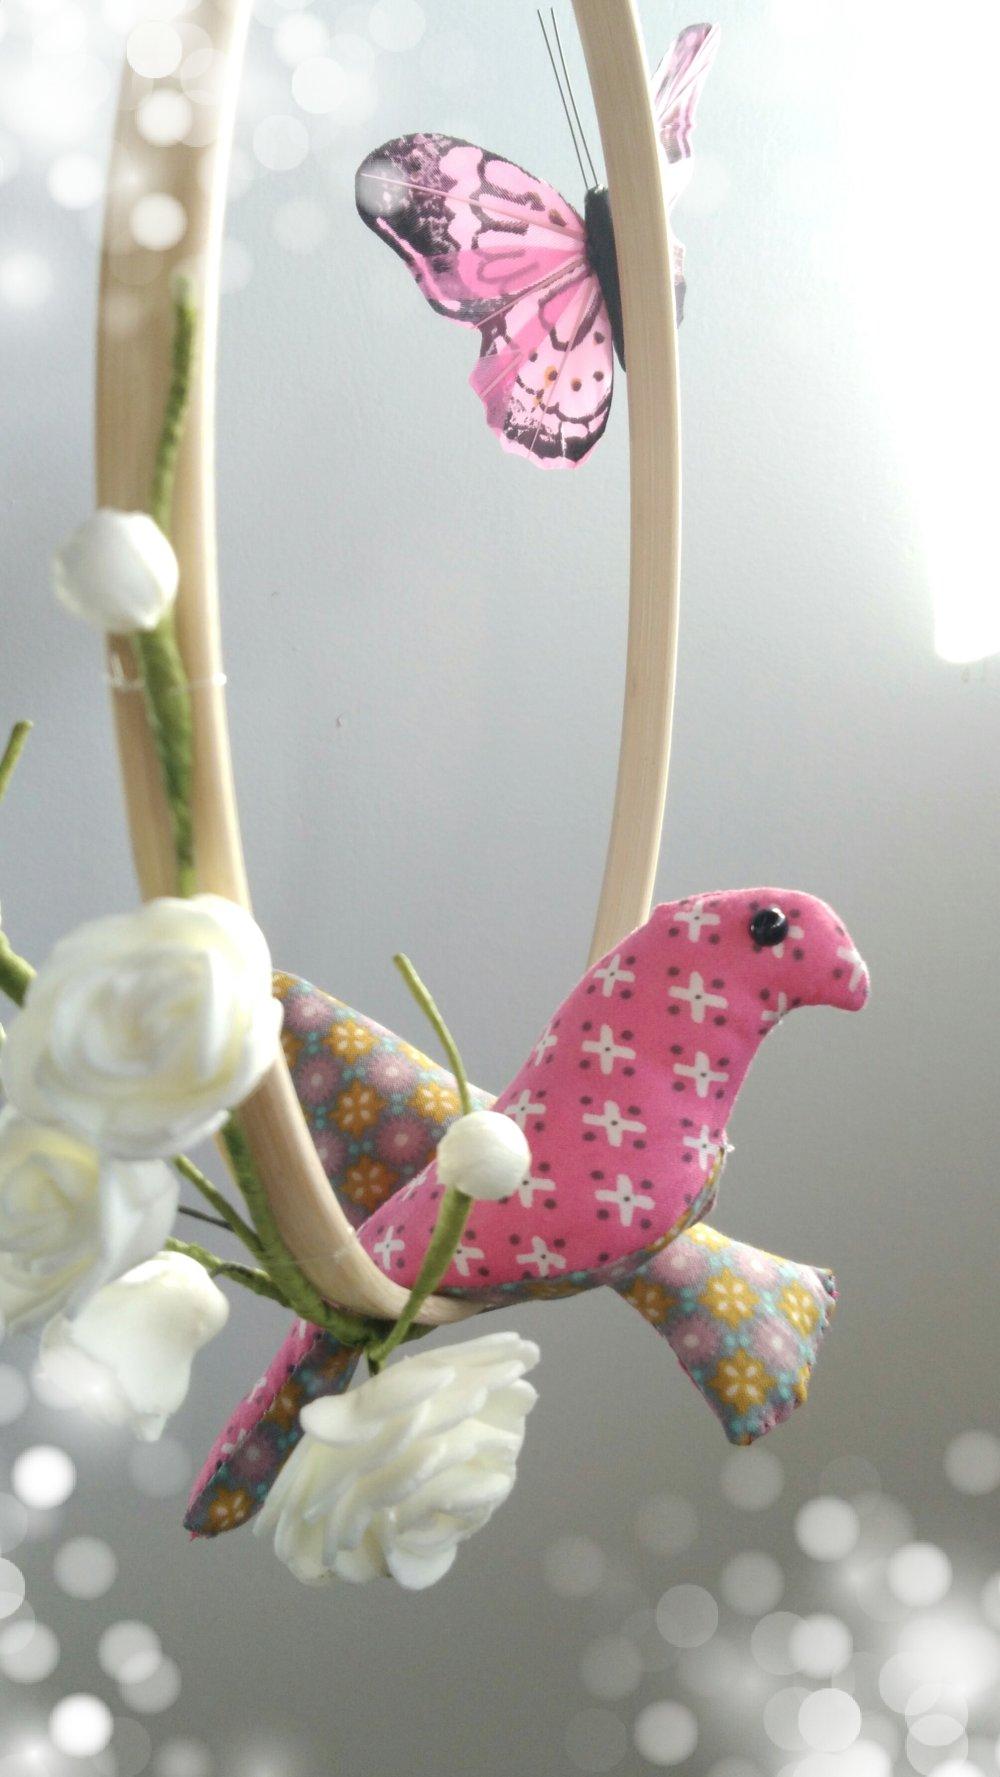 Suspension / mobile en bambou avec deux oiseaux en tissu